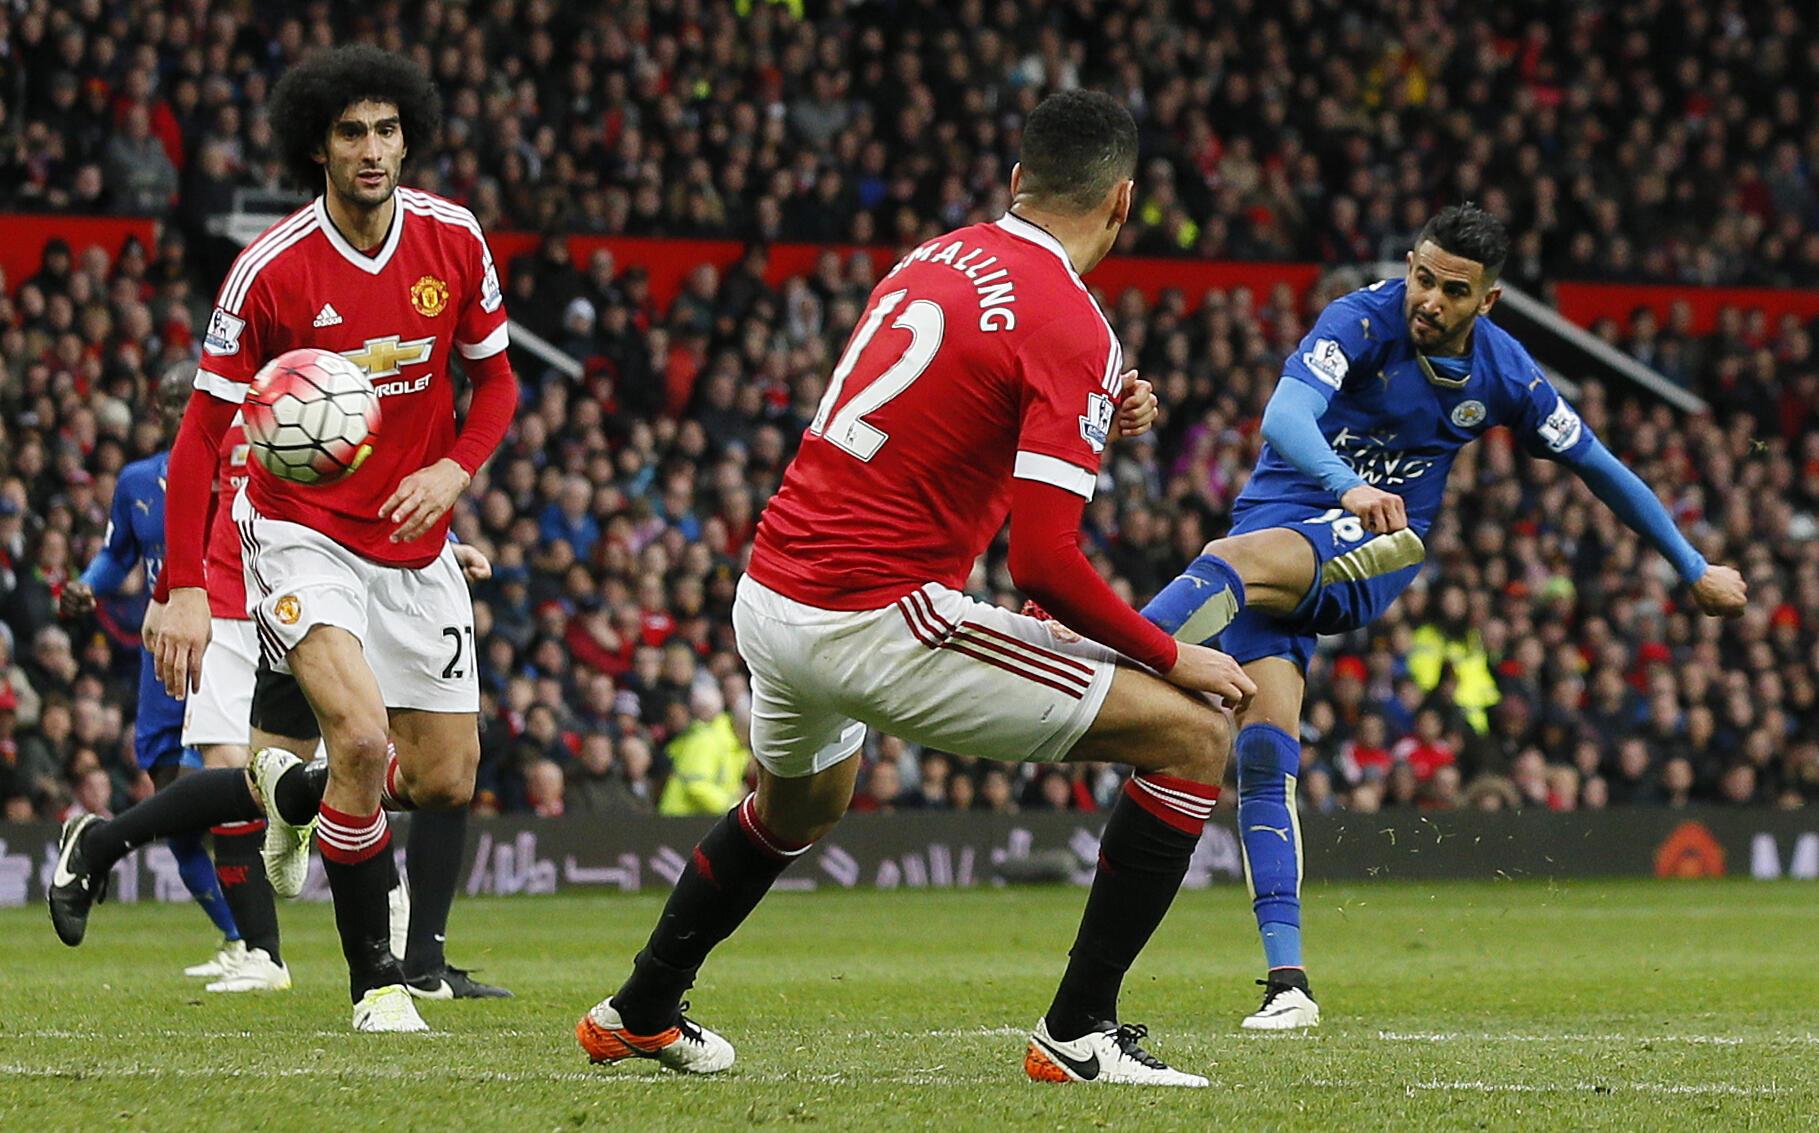 Mchezaji wa Leicester City, Riyad Mahrez, akifumua mkwajo wakati wa mechi dhidi ya Manchester United siku ya Jumapili.